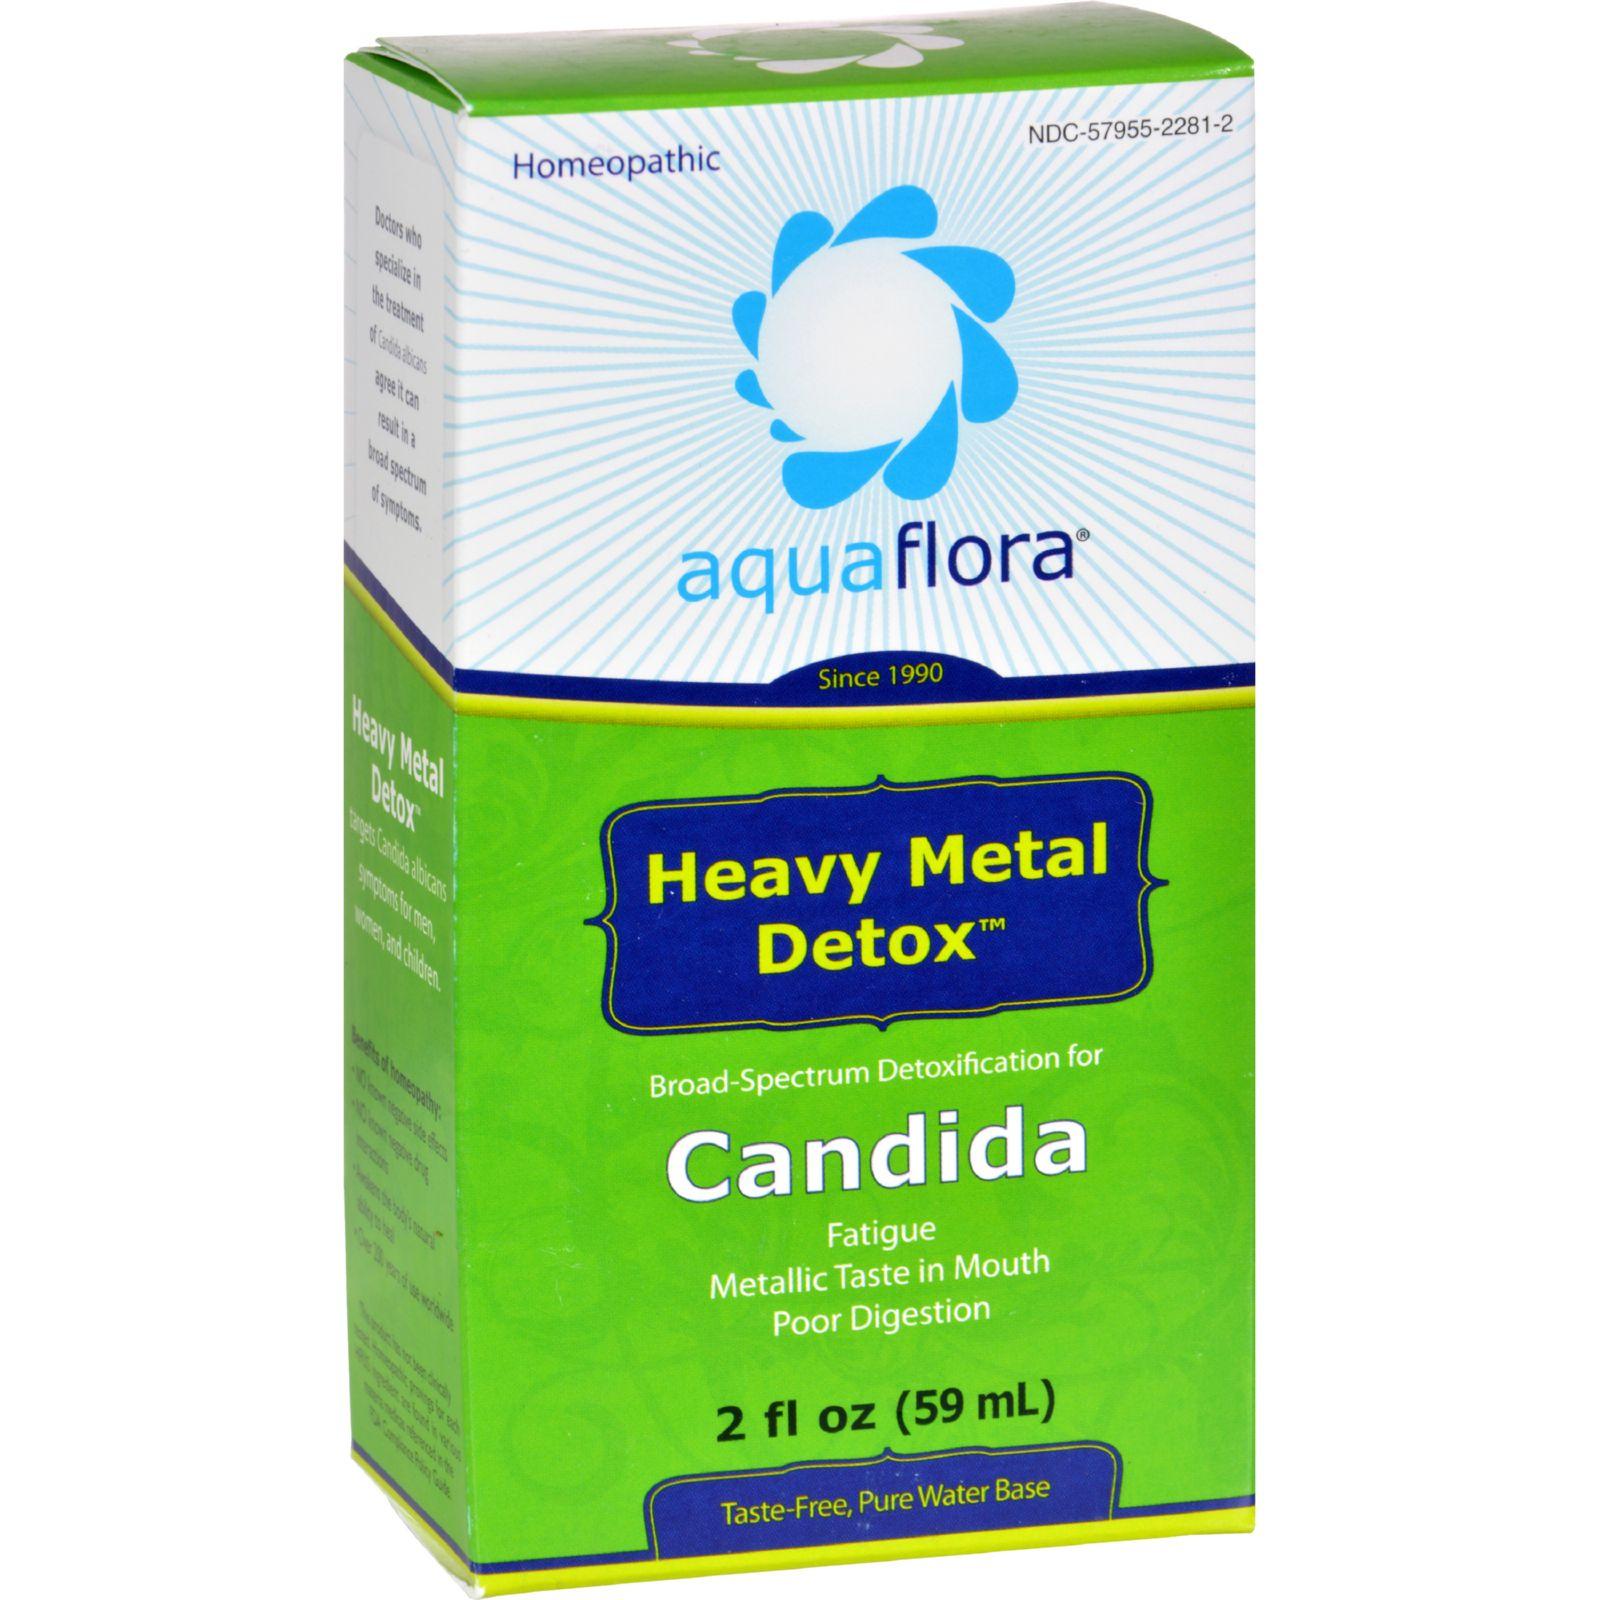 Aqua Flora Heavy Metal Detox - 2 fl oz